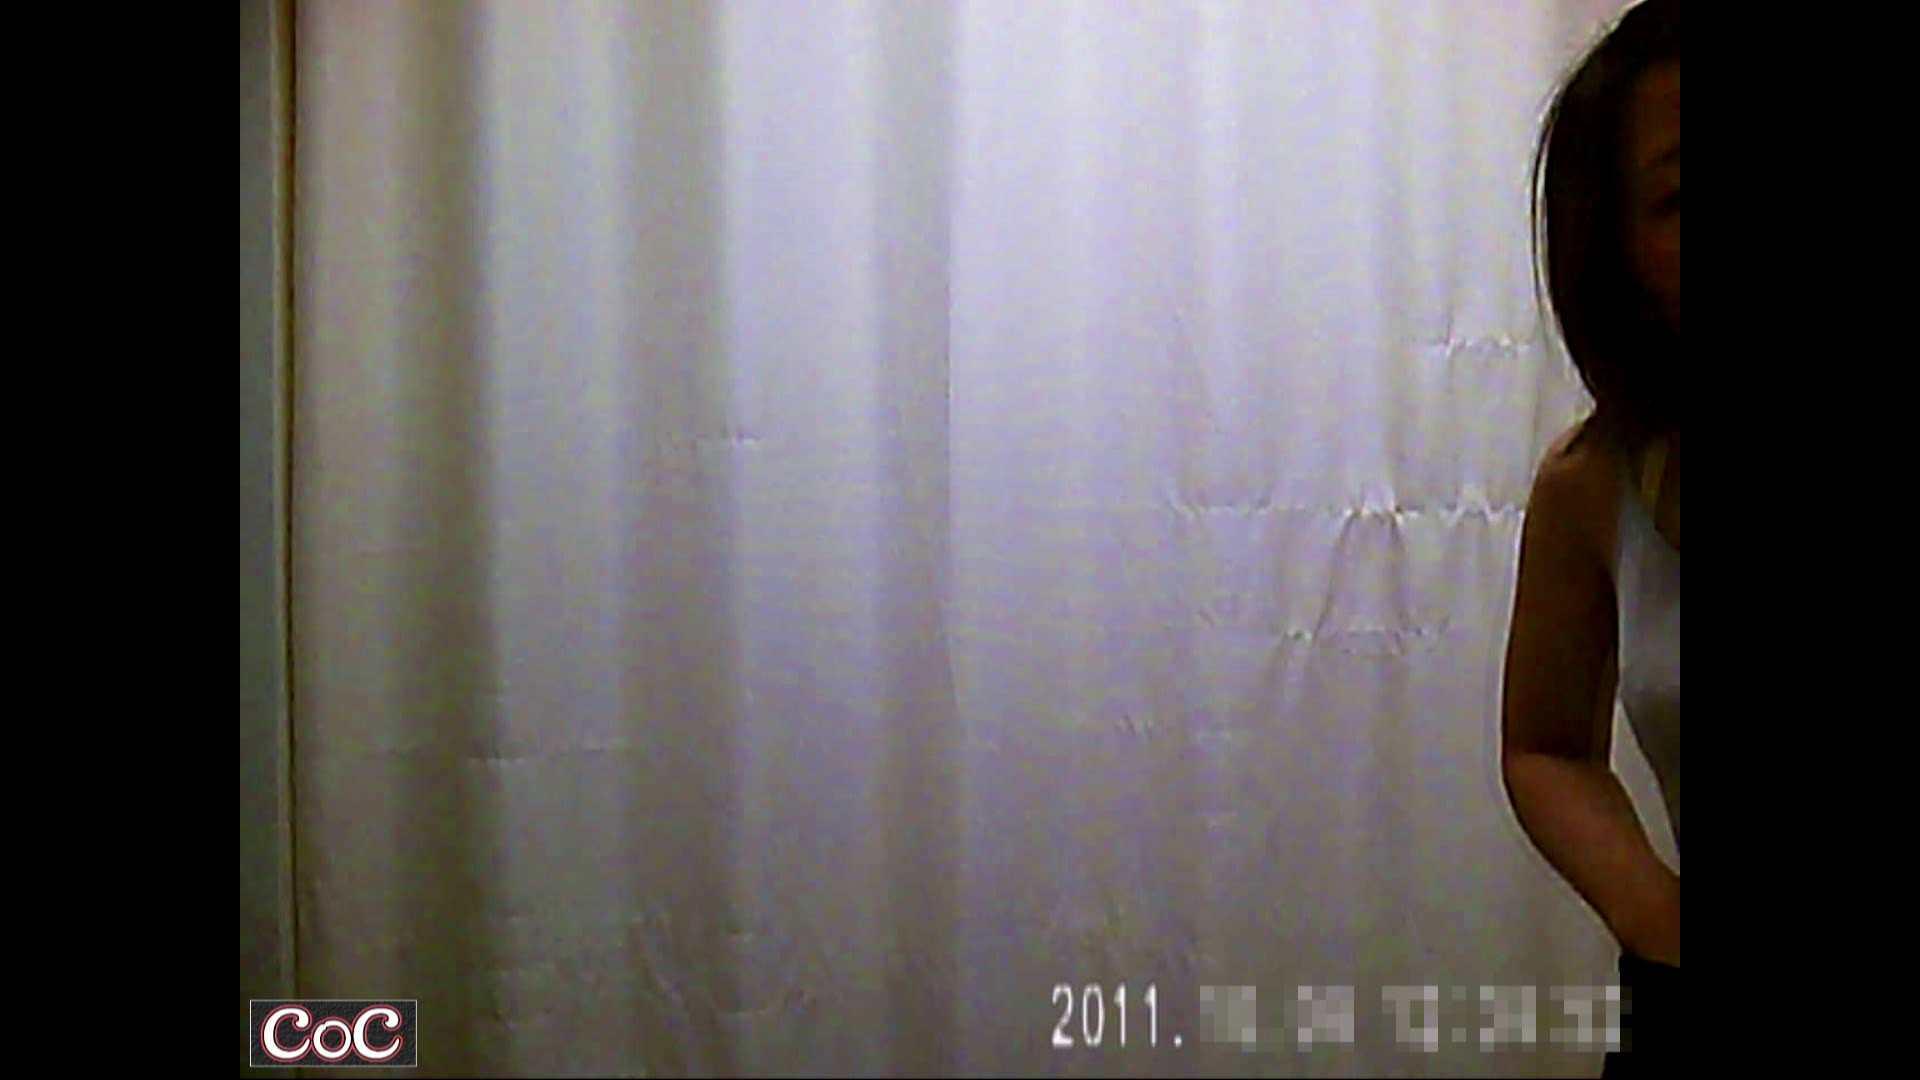 アダルトエロ動画|元医者による反抗 更衣室地獄絵巻 vol.246|怪盗ジョーカー